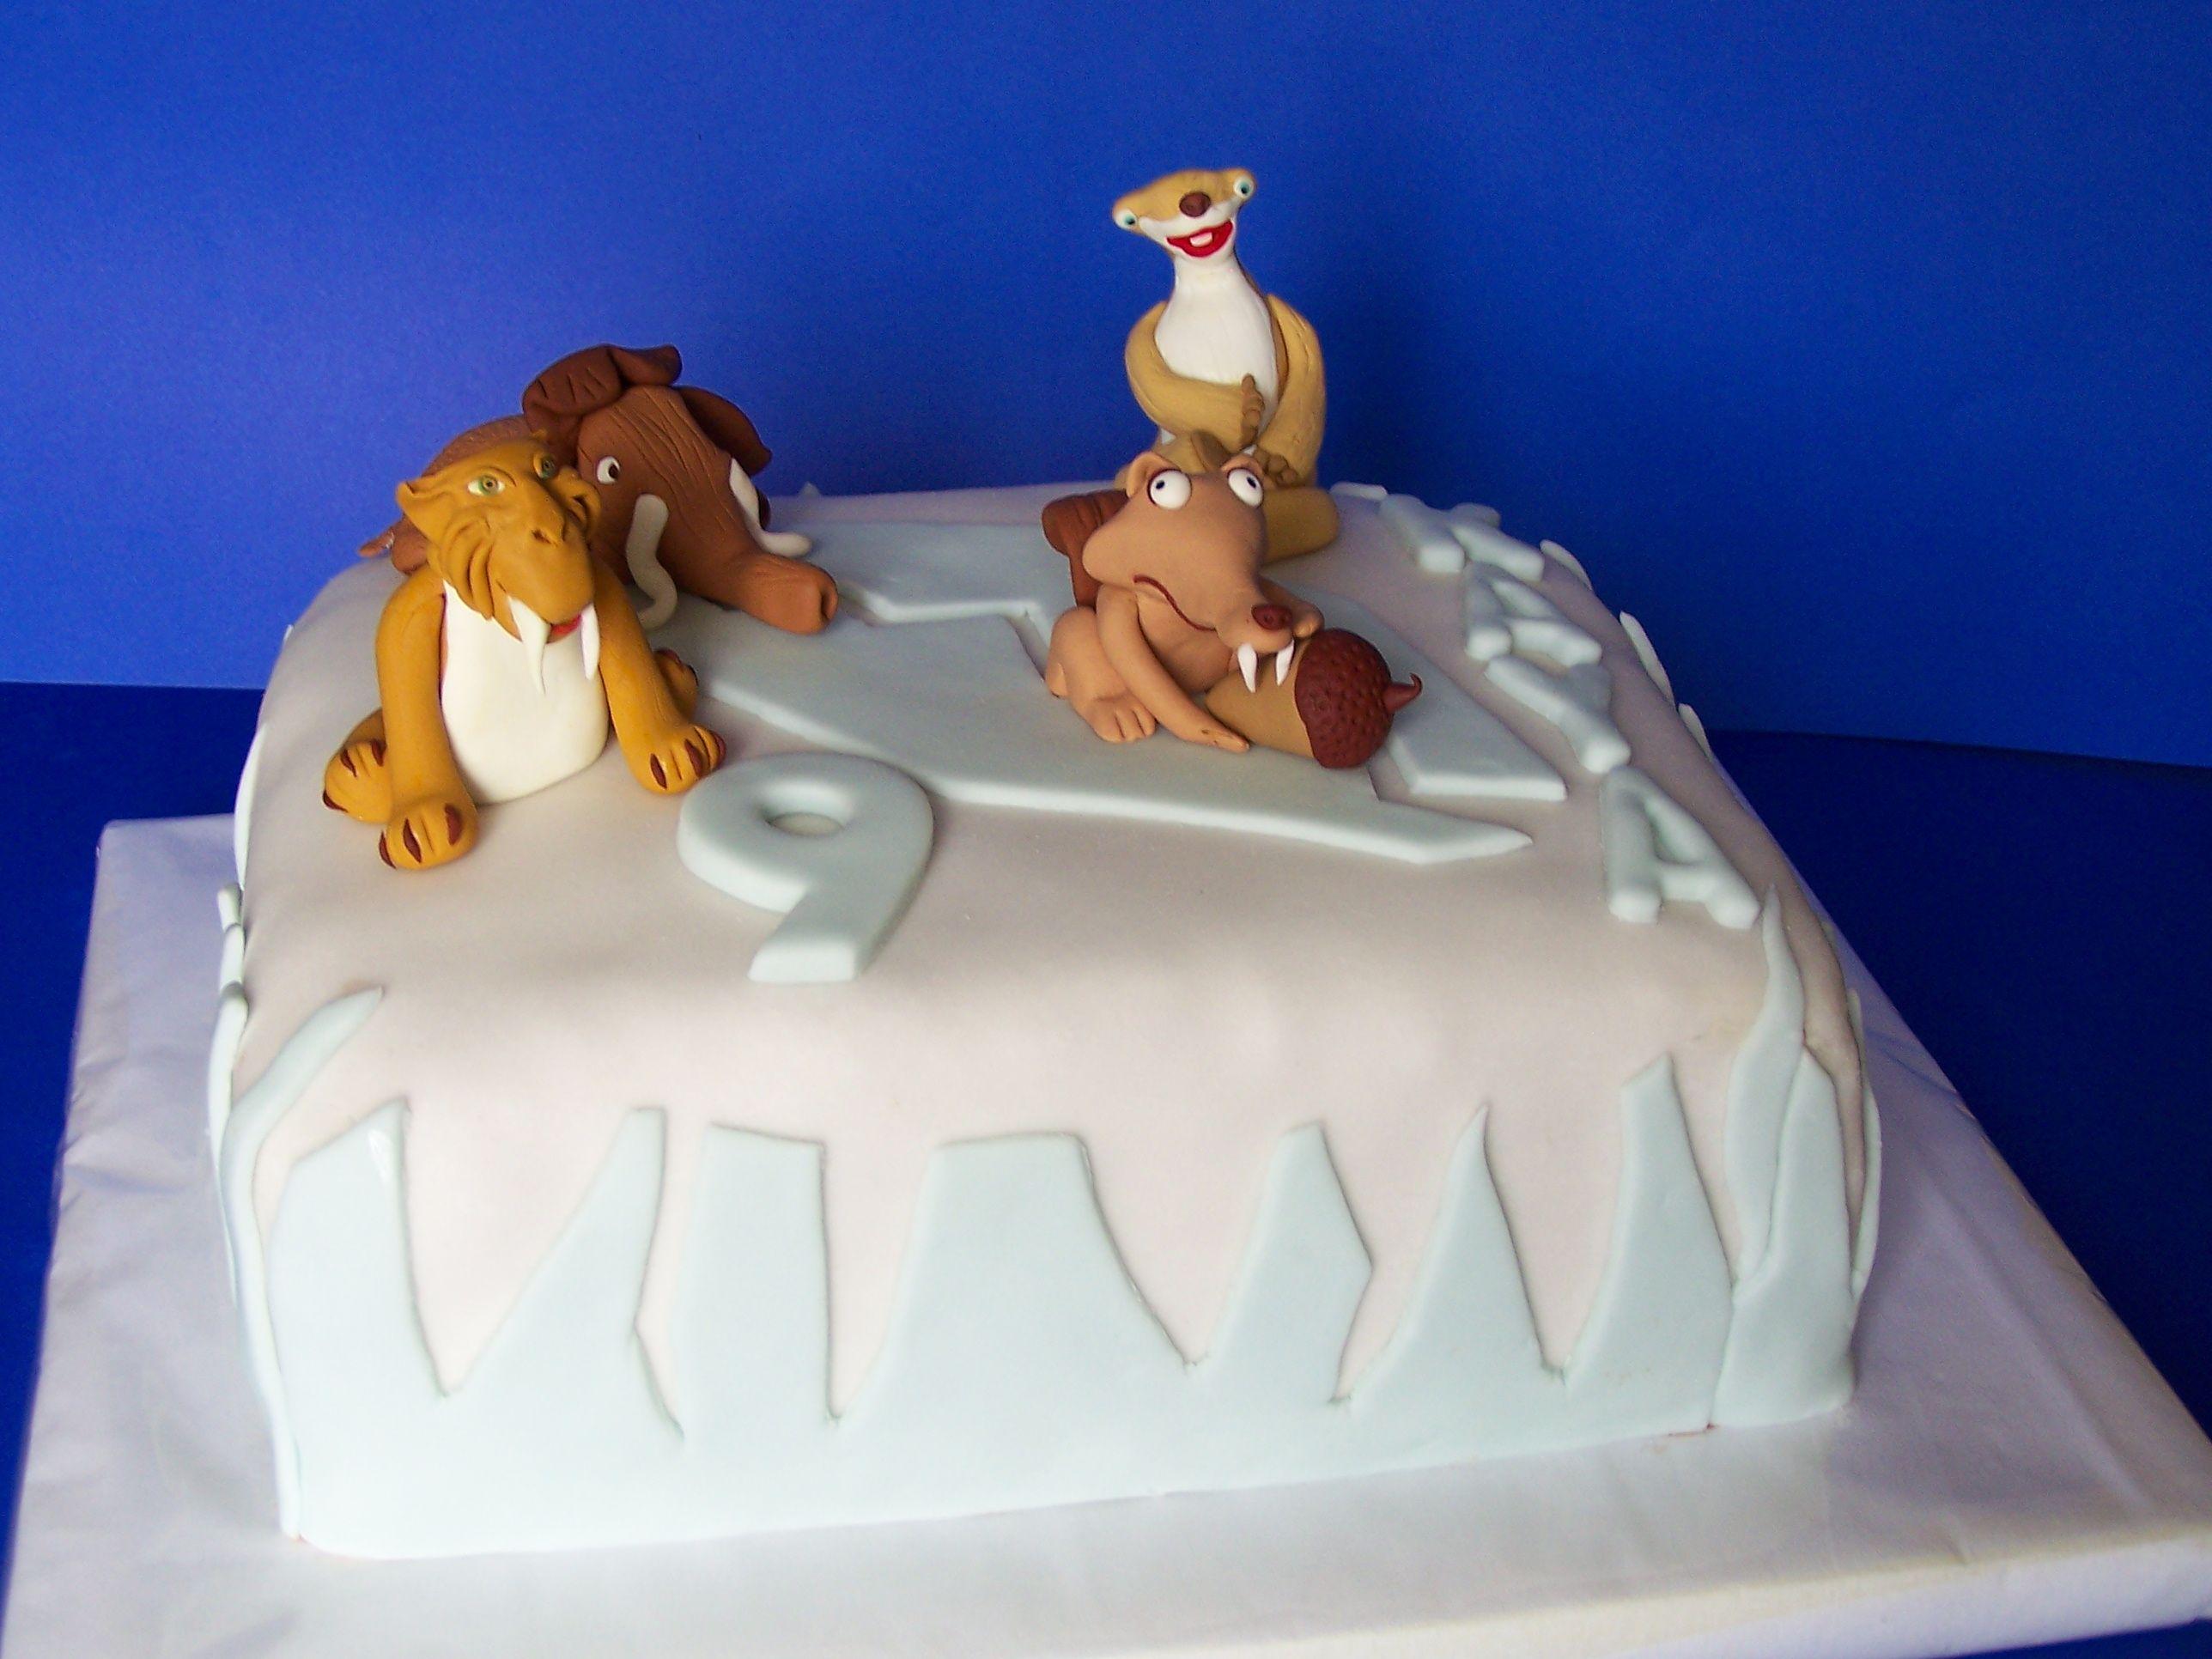 ice age cake with images  ice age cake cake ice age